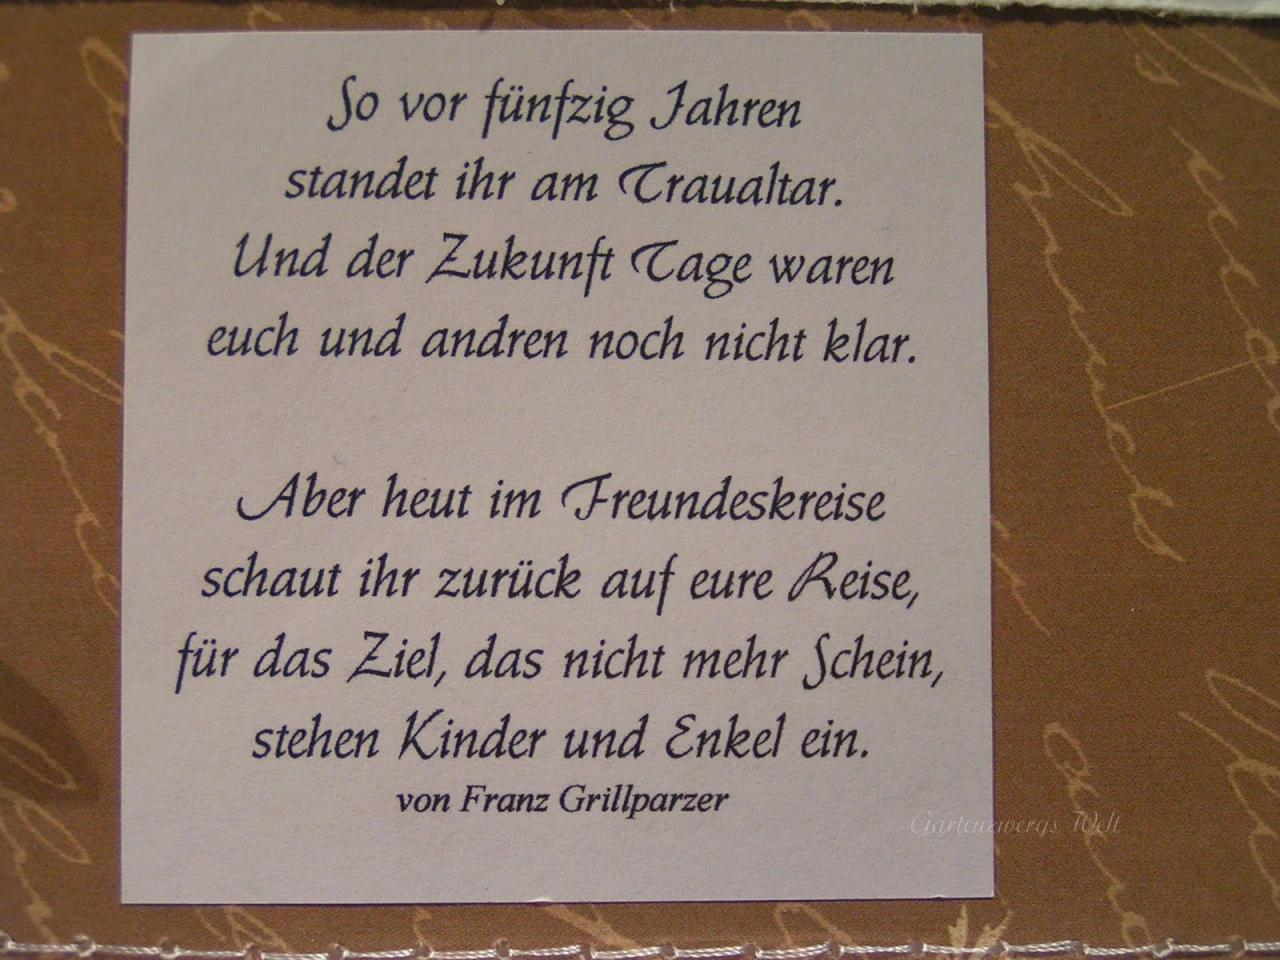 Goldene Hochzeit Einladung Texte Zitate Zur Diamantenen Hochzeit Gallery Besten Zitate Ideen